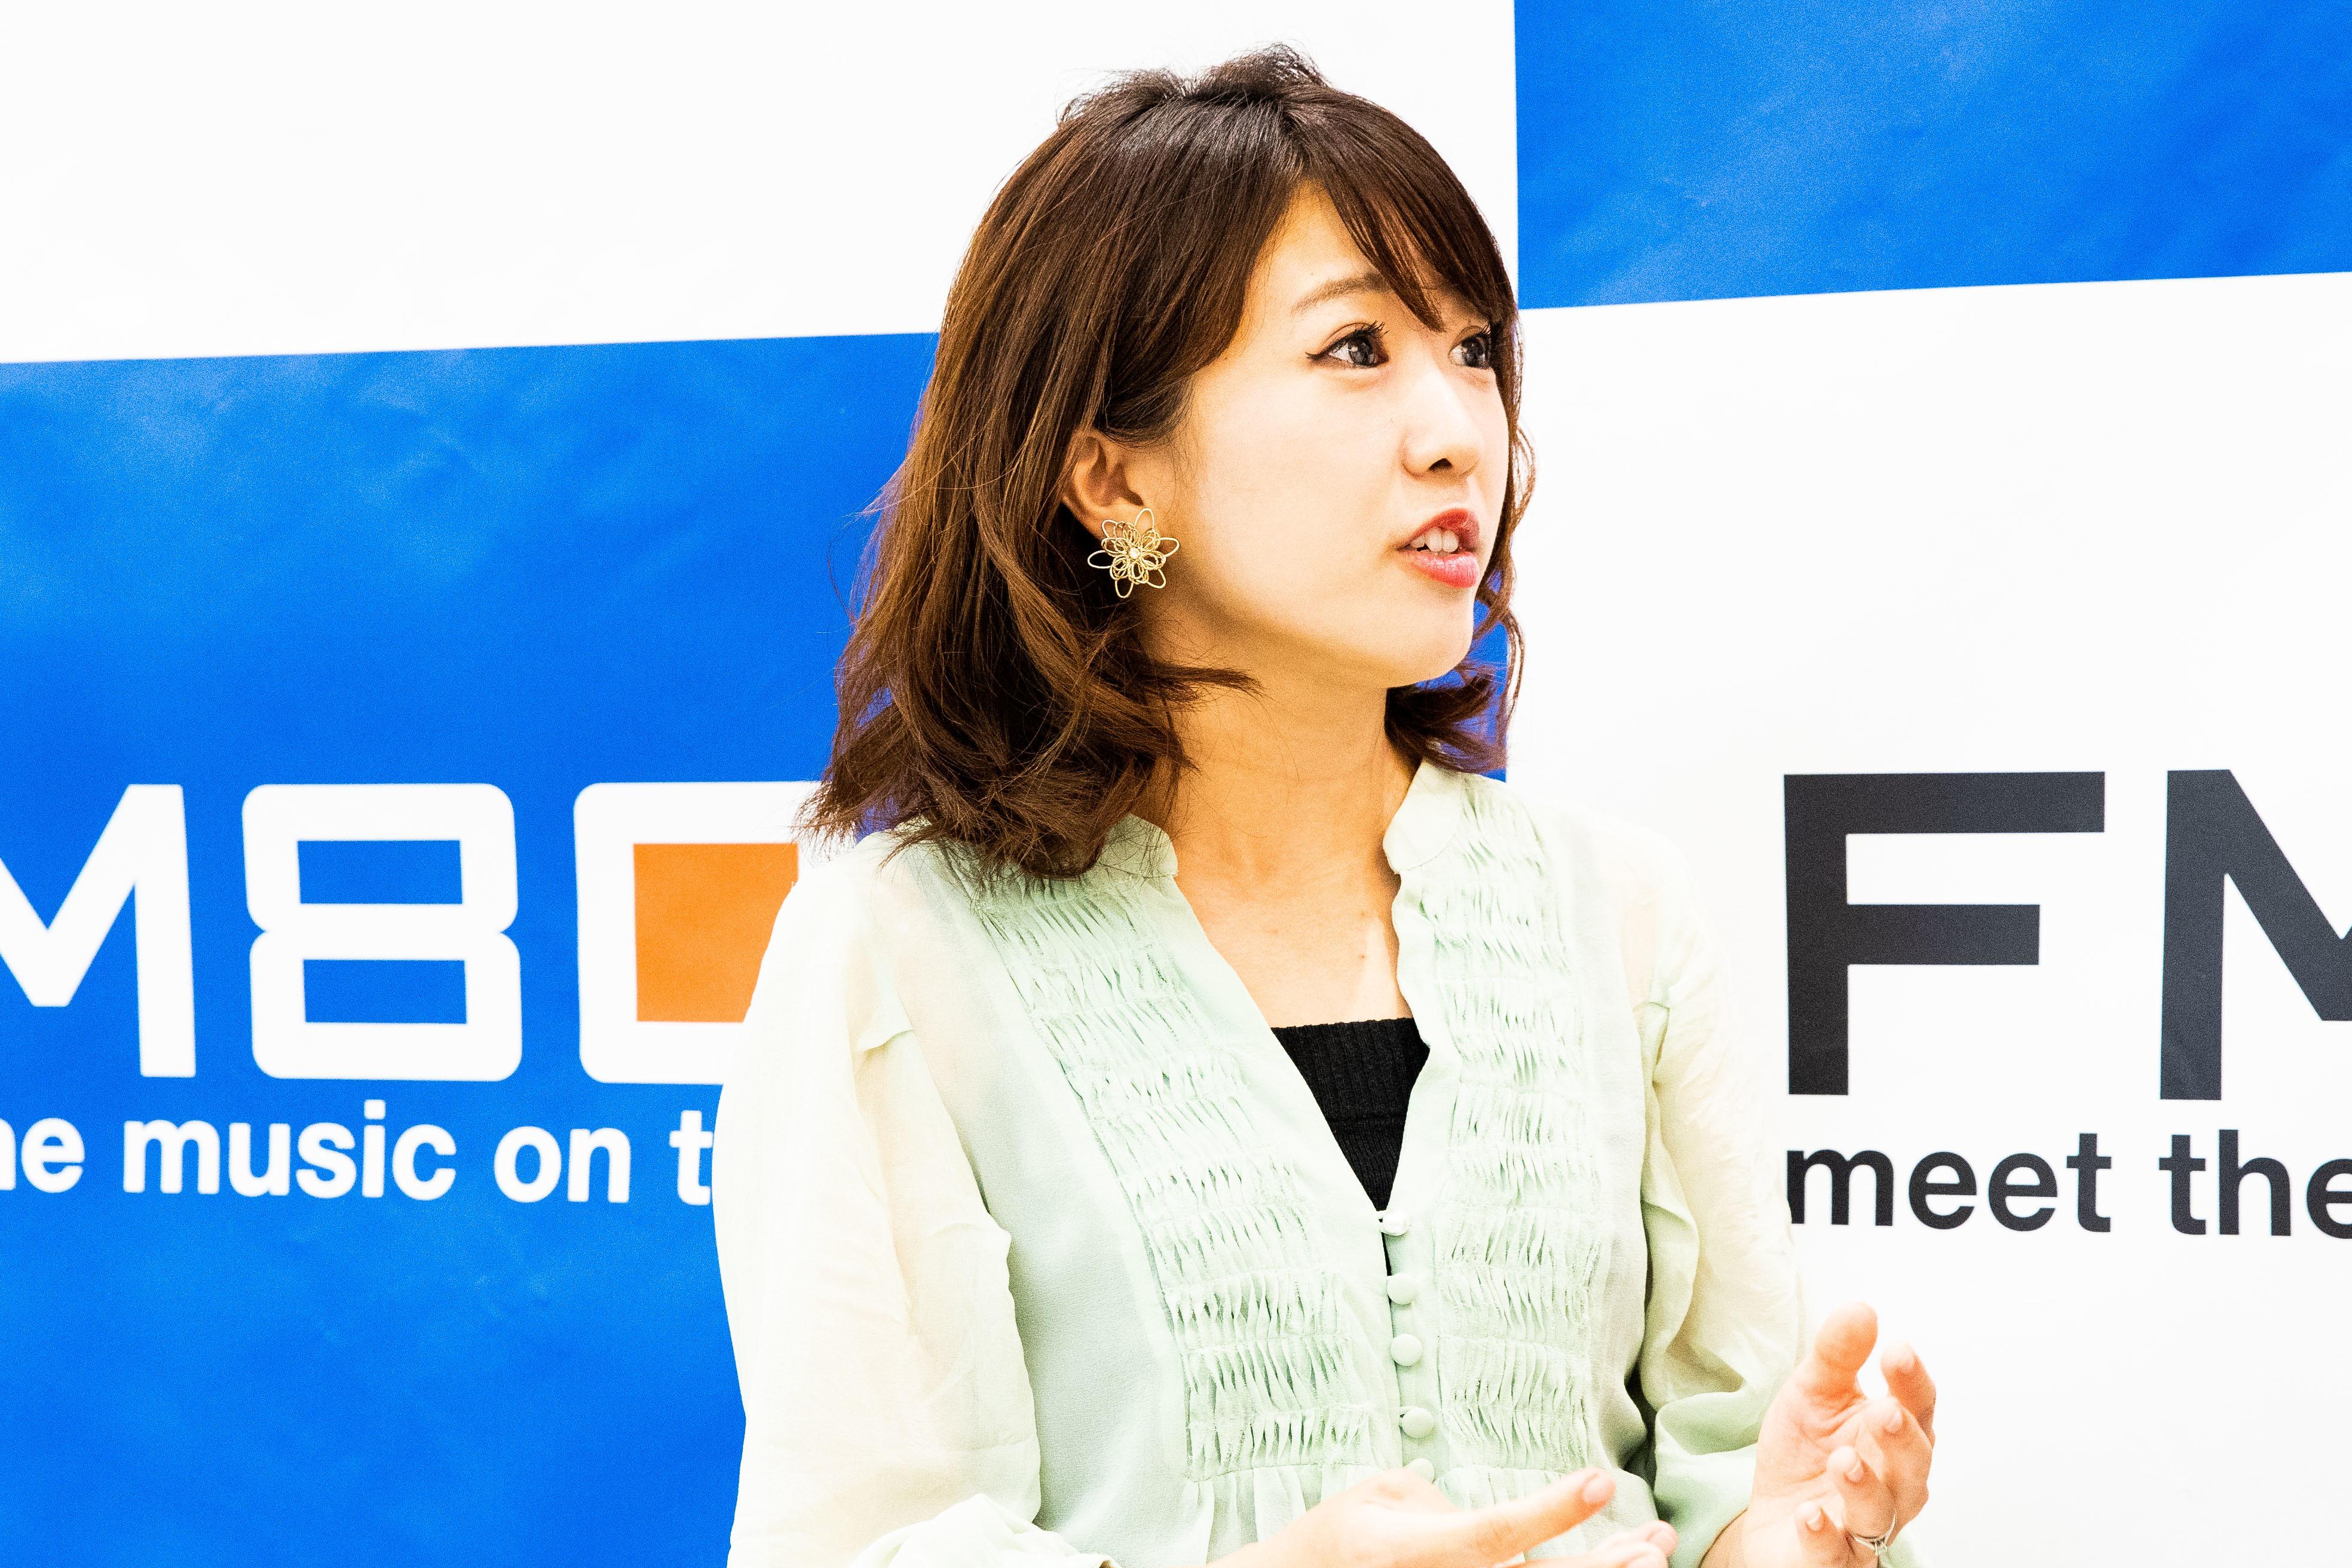 鬼頭由芽(FM802 DJ)